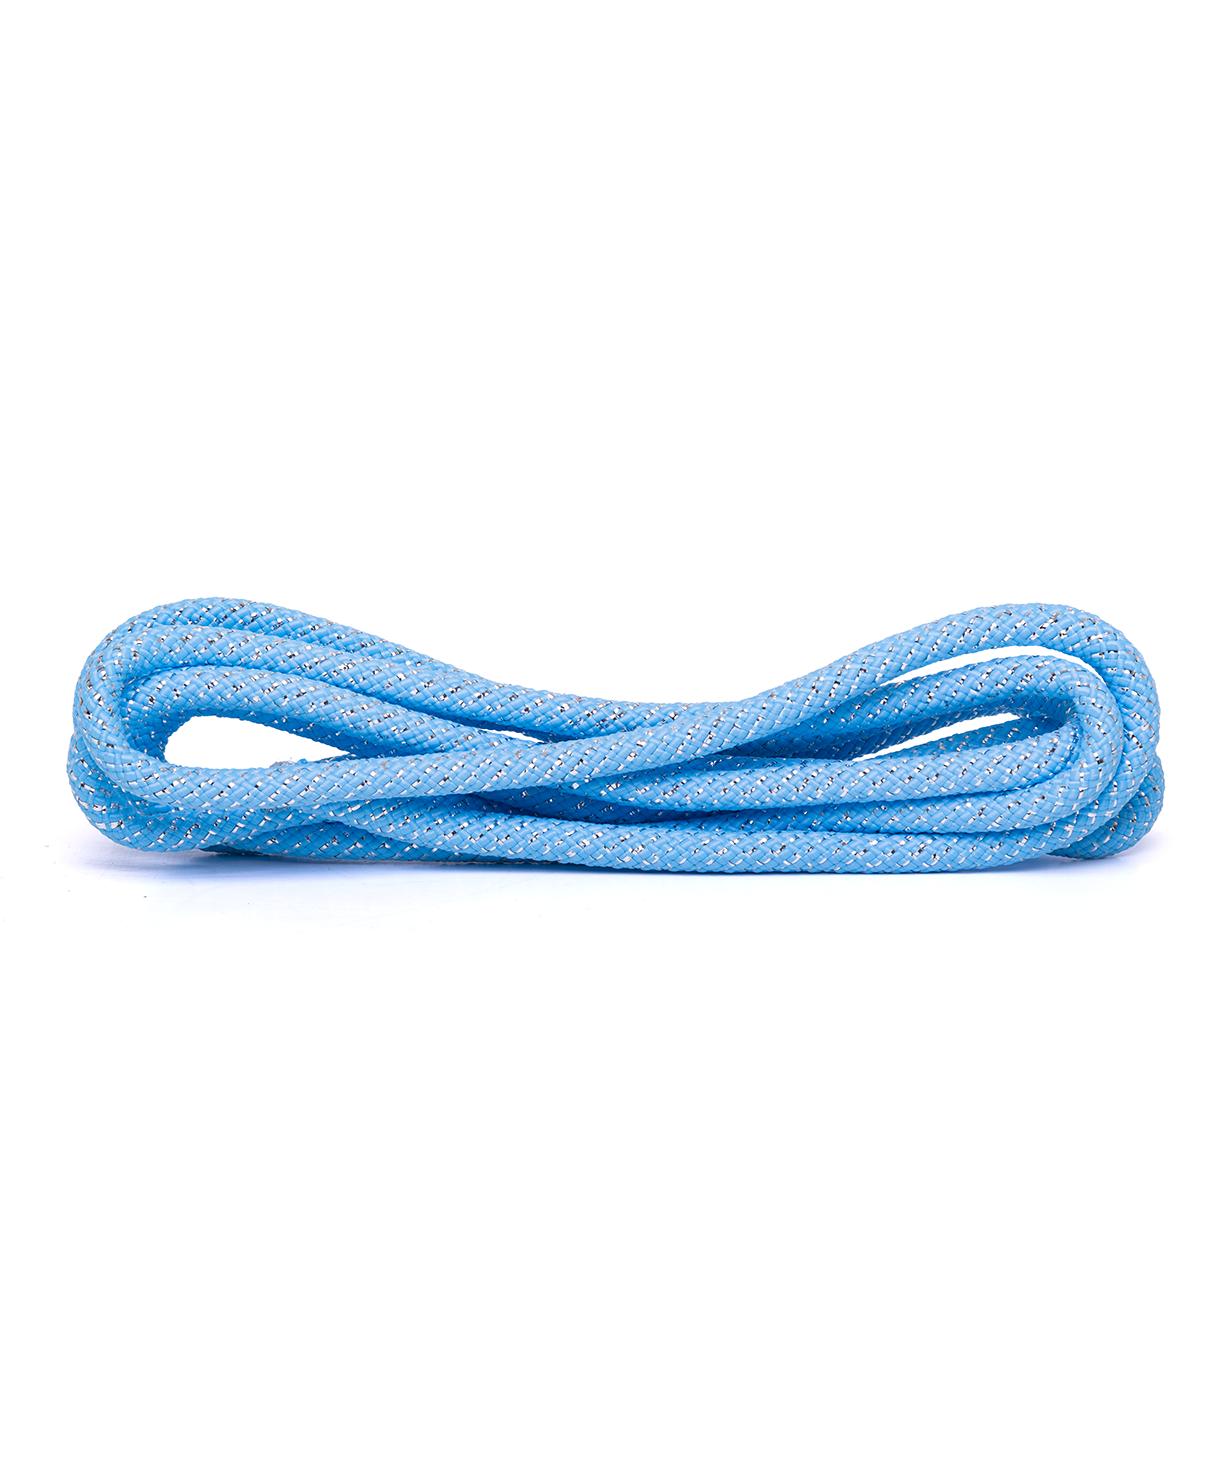 Скакалка для художественной гимнастики Amely RGJ